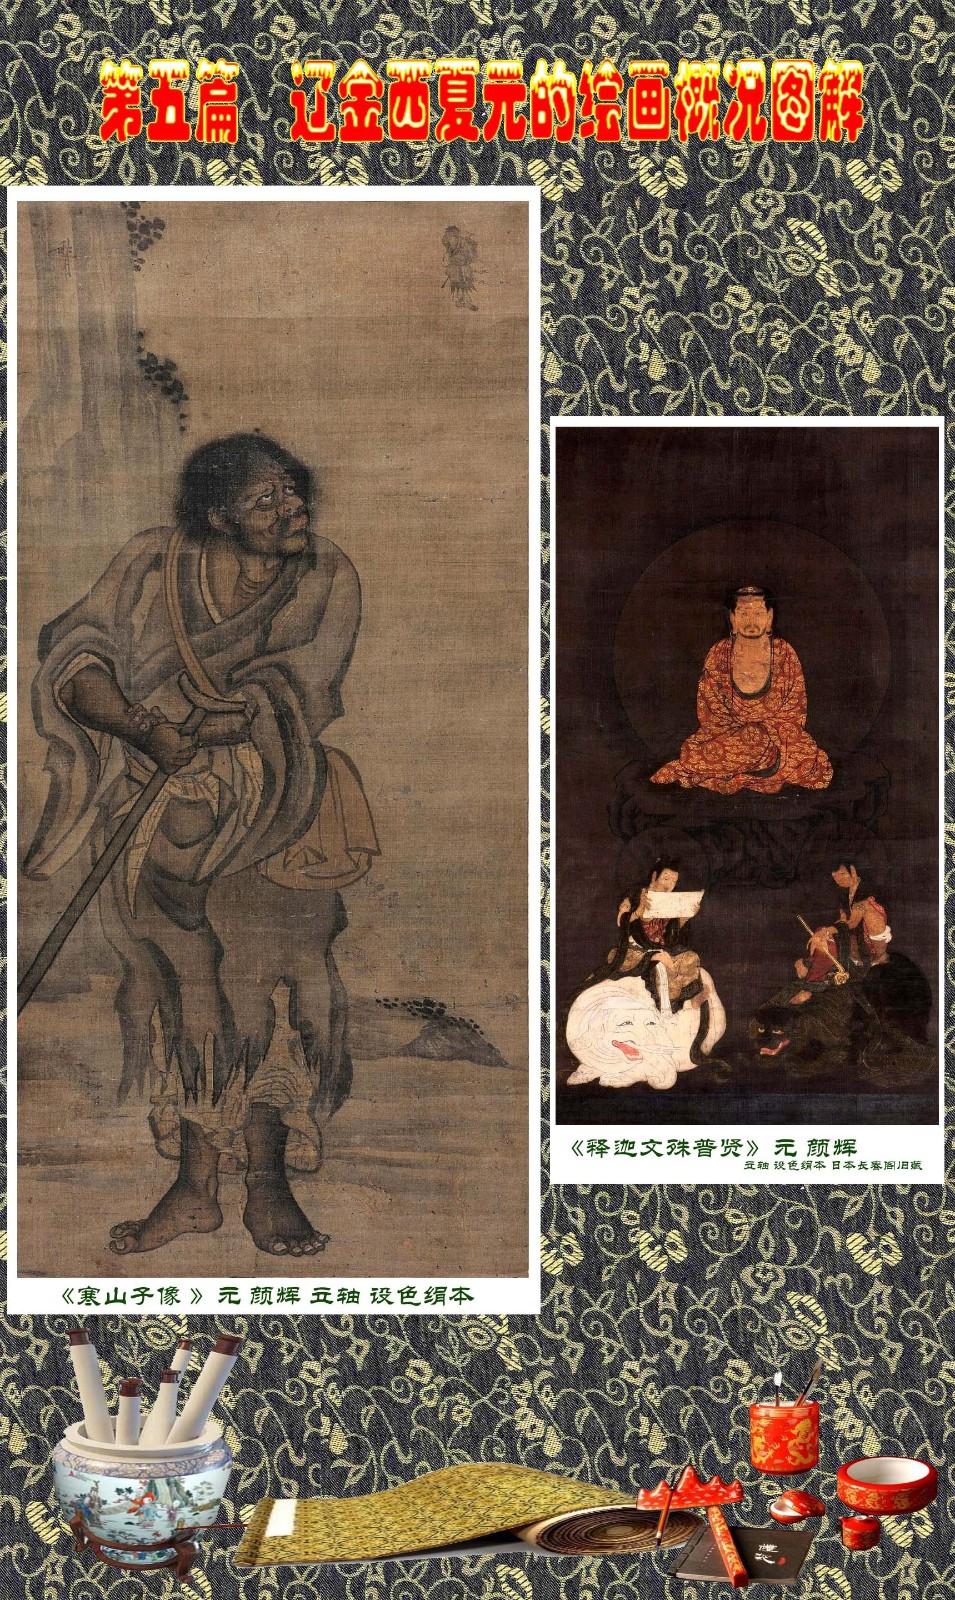 顾绍骅编辑 中国画知识普及版 第五篇 辽金西夏元的绘画概况 下 ... ..._图1-39